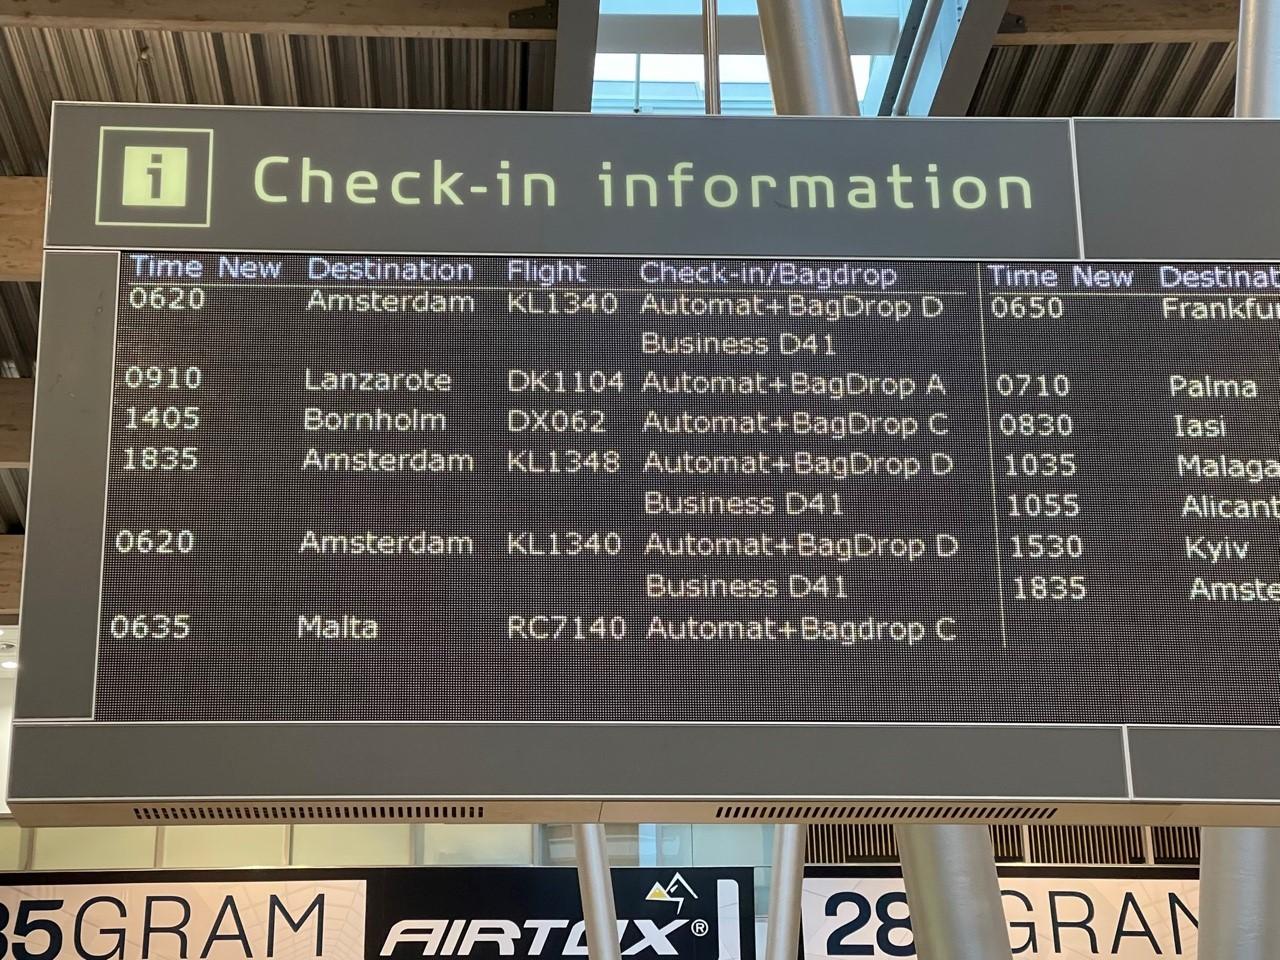 Også bestyrelsen for Rejsegarantifonden har fået ekstra travlt under coronakrisen. Det har mere end fordoblet udgifterne til honorering af bestyrelsens medlemmer, der blandt andet repræsenterer rejsebureau og luftfart. Arkivfoto.